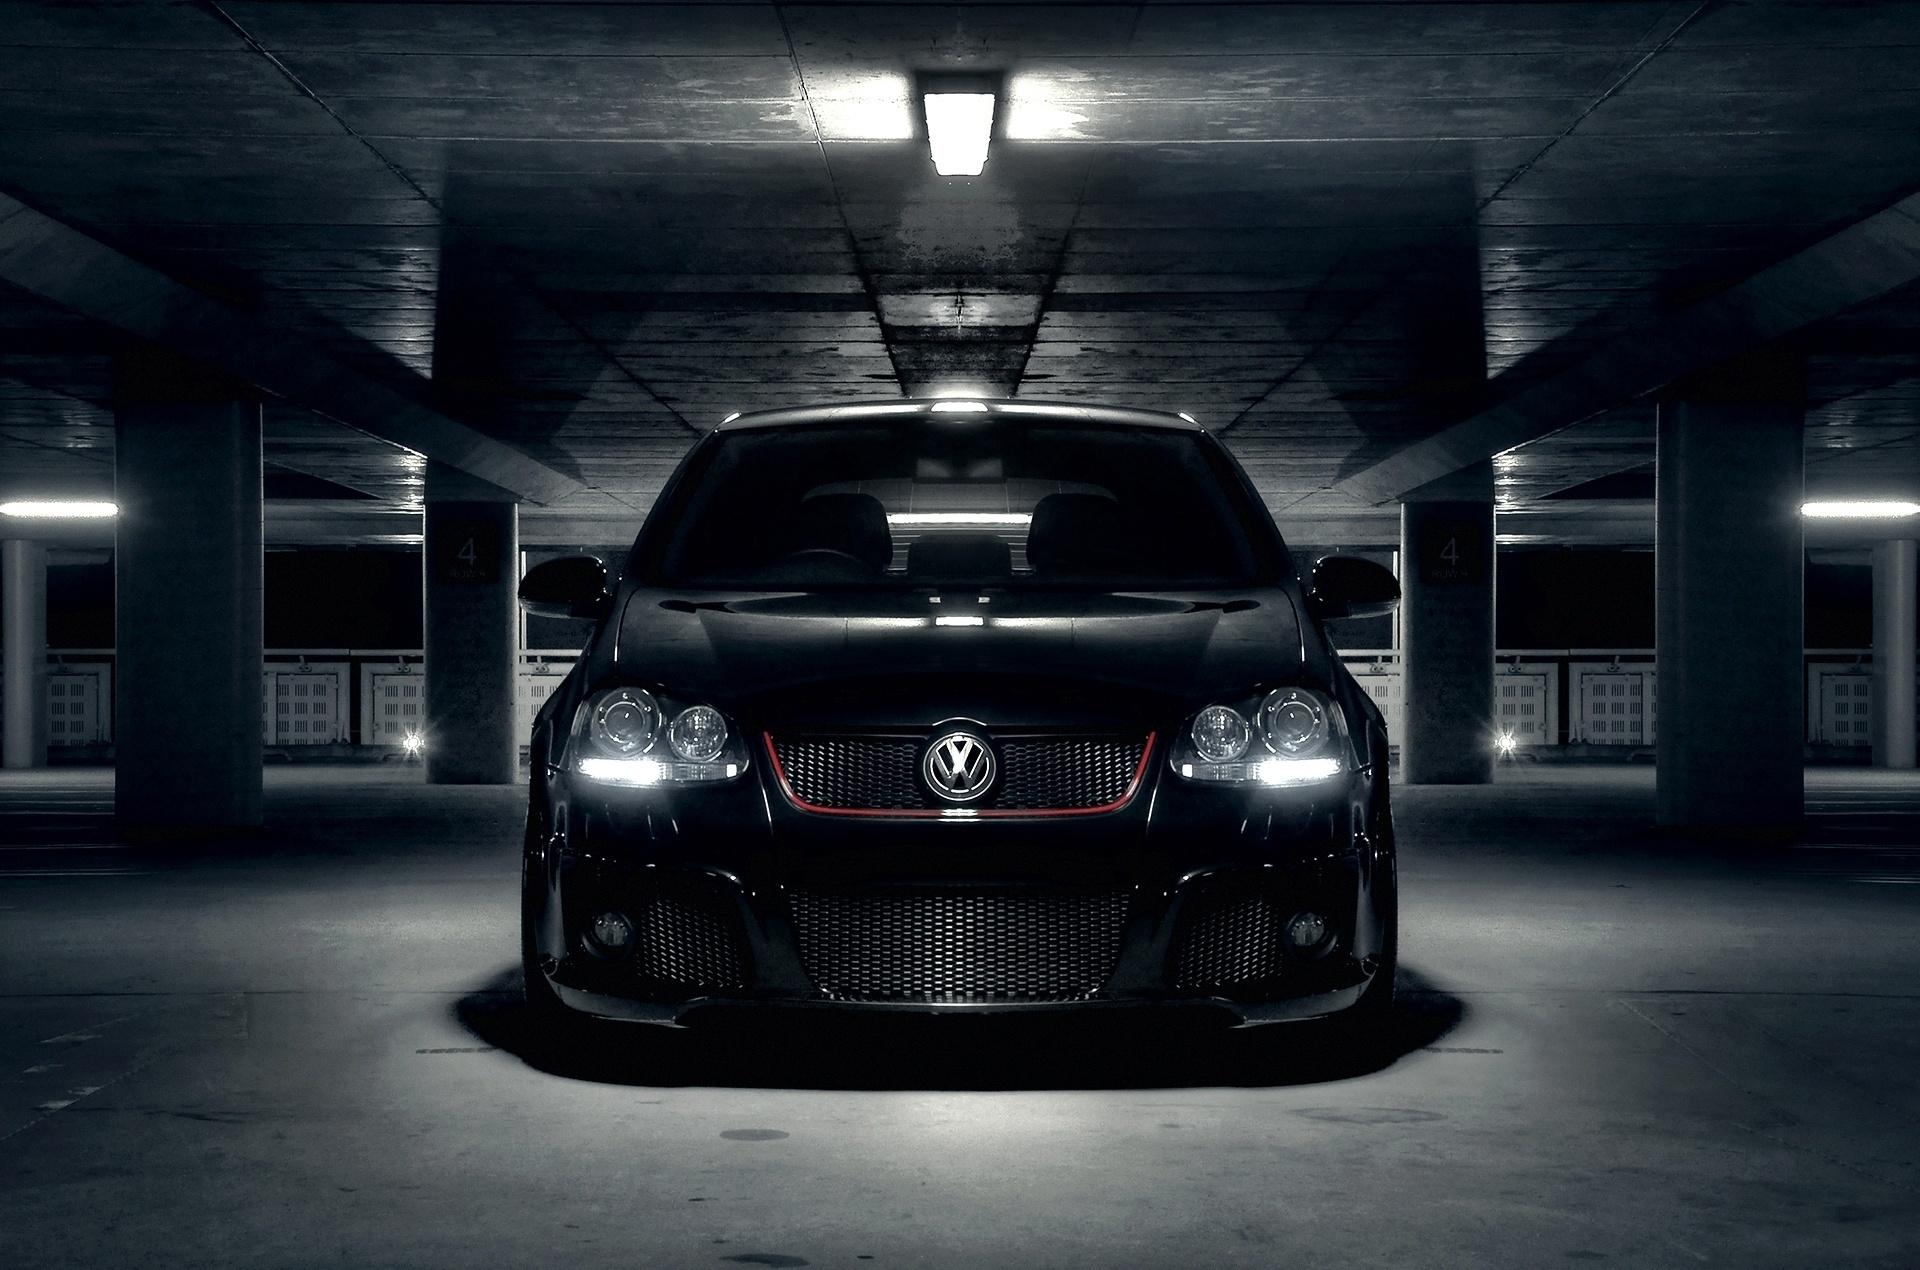 Volkswagen Golf Wallpaper  Volkswagen Golf Wallpaper Black